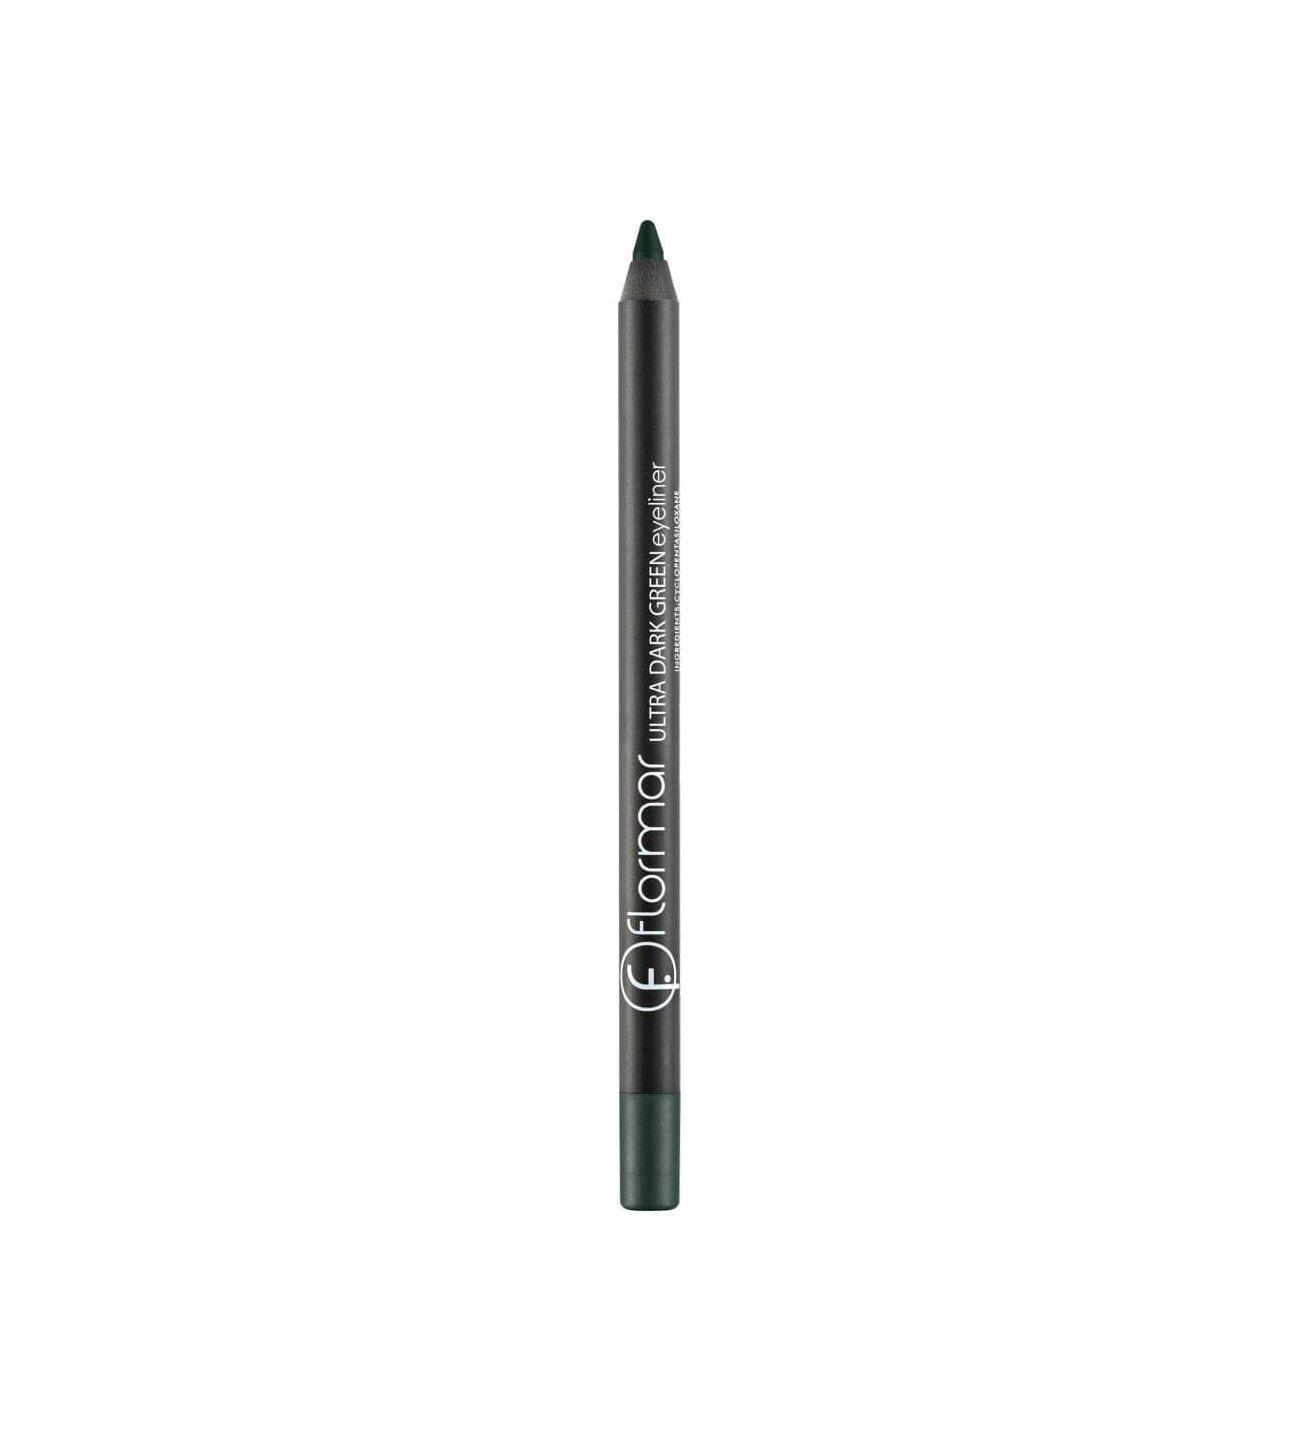 Flormar  Ultra Eyeliner  14 Dark Green